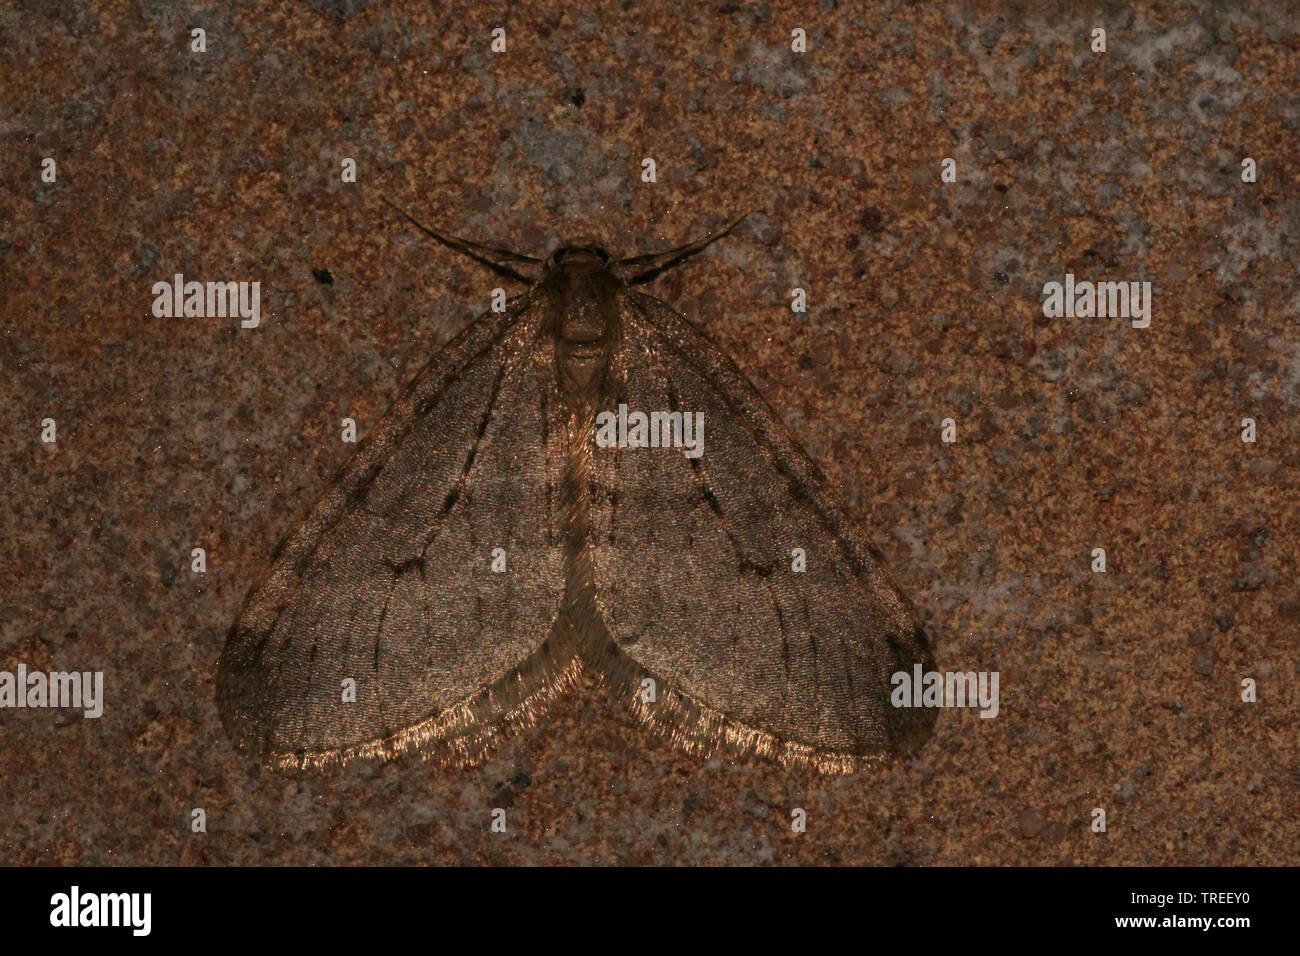 Gemeiner Frostspanner, Obstbaumfrostspanner, Kleiner Frostspanner (Operophtera brumata, Cheimatobia brumata), sitzt auf einem Stein, Niederlande | win - Stock Image